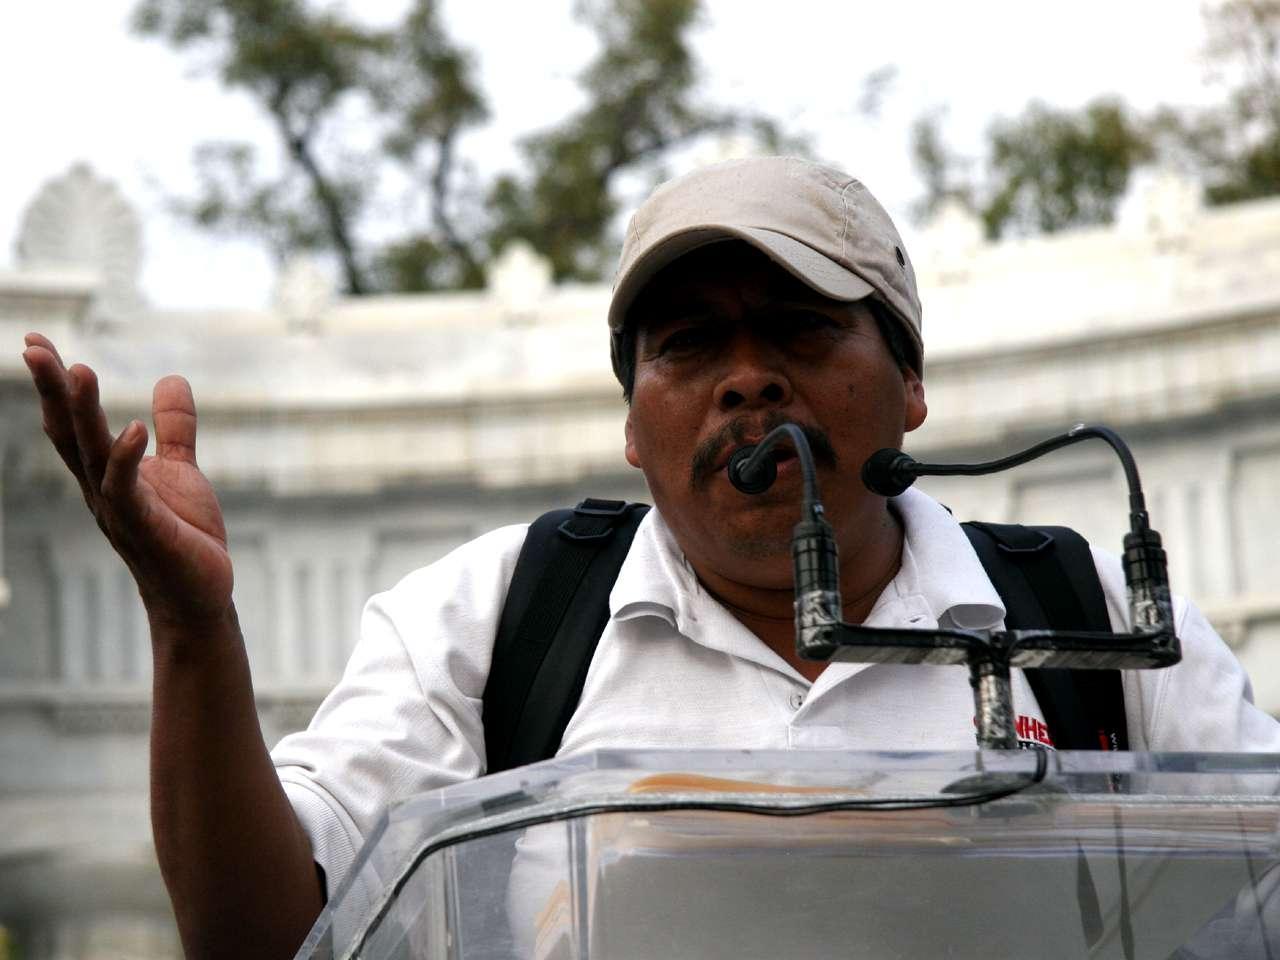 Melitón Ortega, padre de Mauricio Ortega, uno de los 43 normalistas desaparecidos desde el 26 de septiembre en Iguala, Guerrero, refutó al periodista Carlos Loret de Mola quien aseguró que dentro del movimiento se infiltraron líderes guerrilleros. Foto: Juan Manuel Solís/Terra